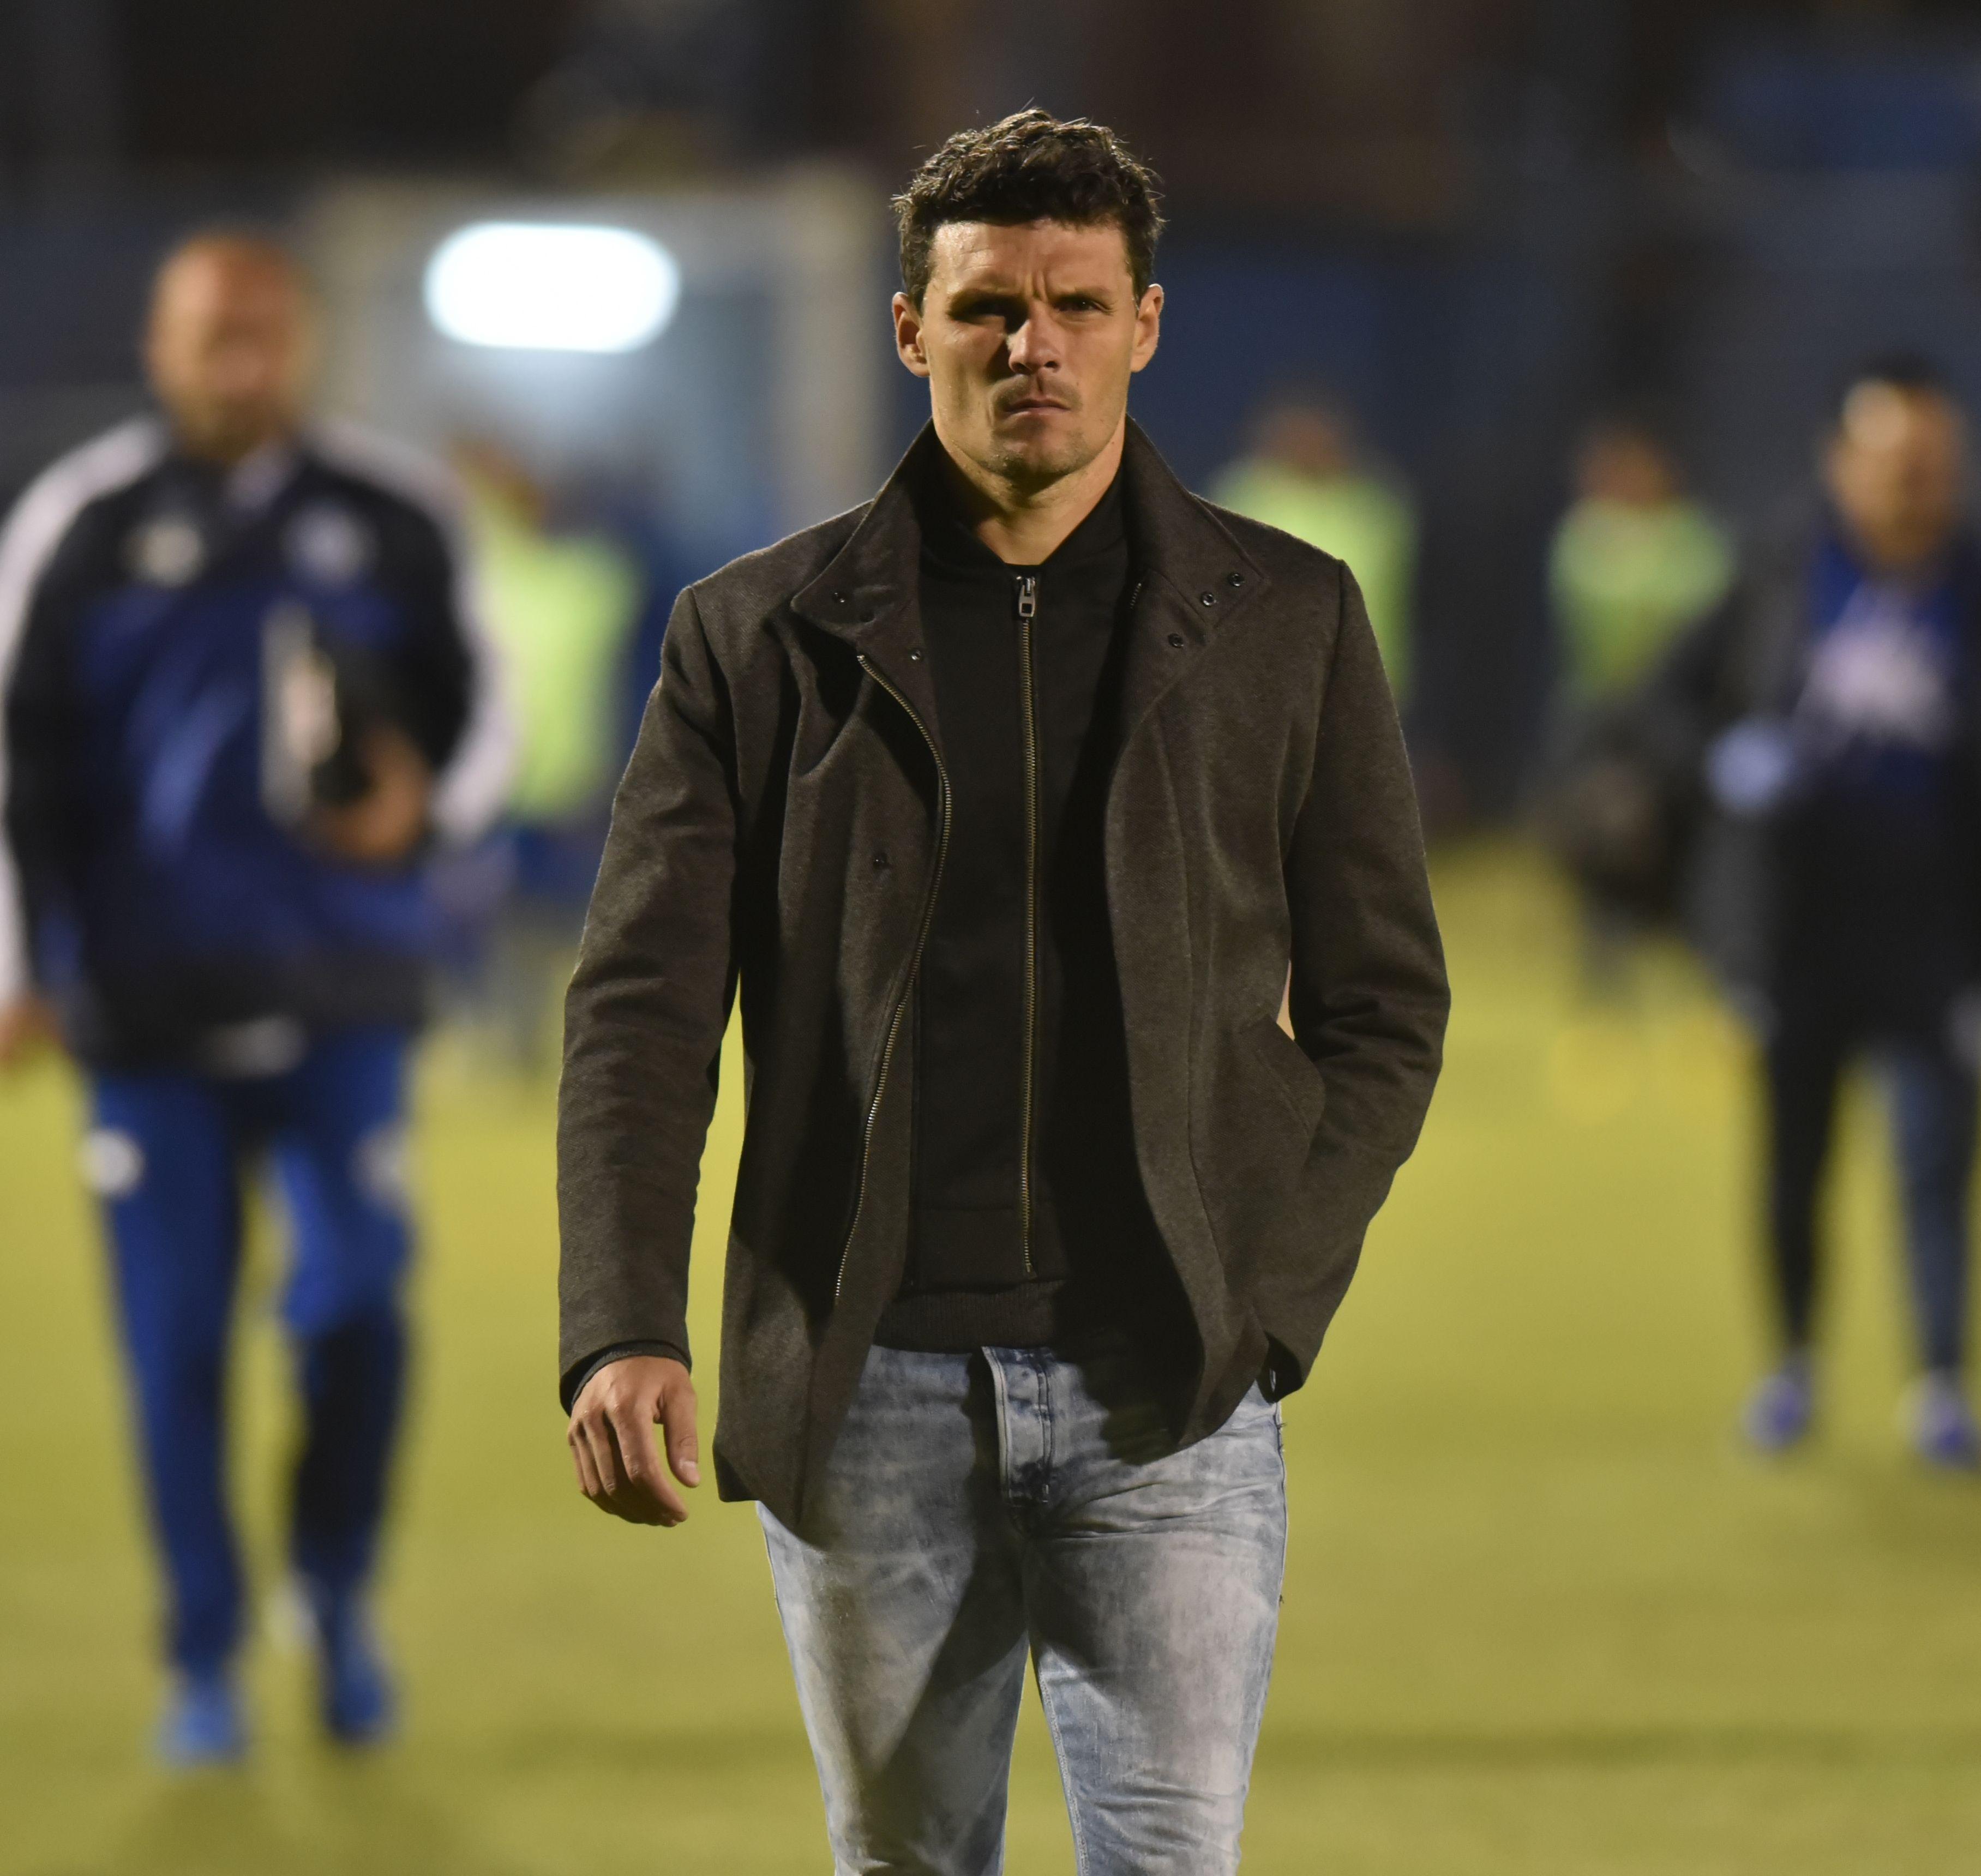 Fernando Ortiz dejó de ser DT de Sol. Foto: Raúl Cañete - Última Hora